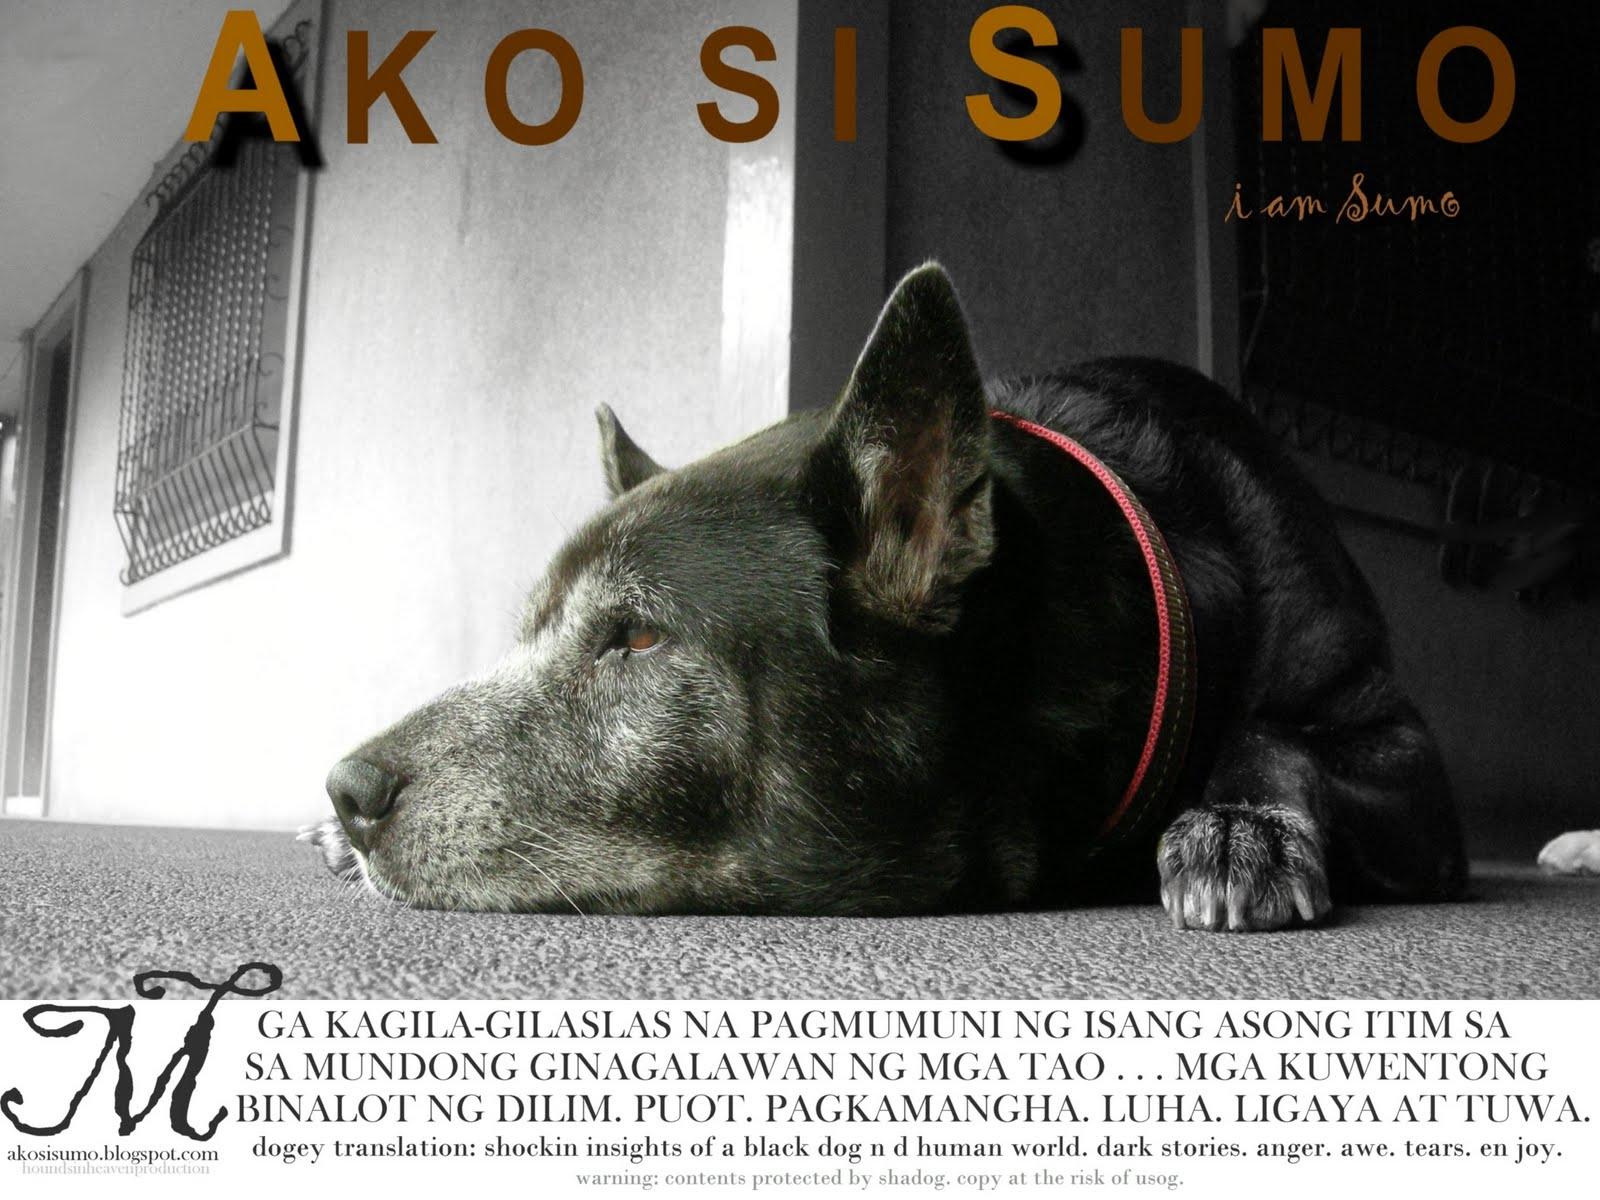 Ako si Sumo